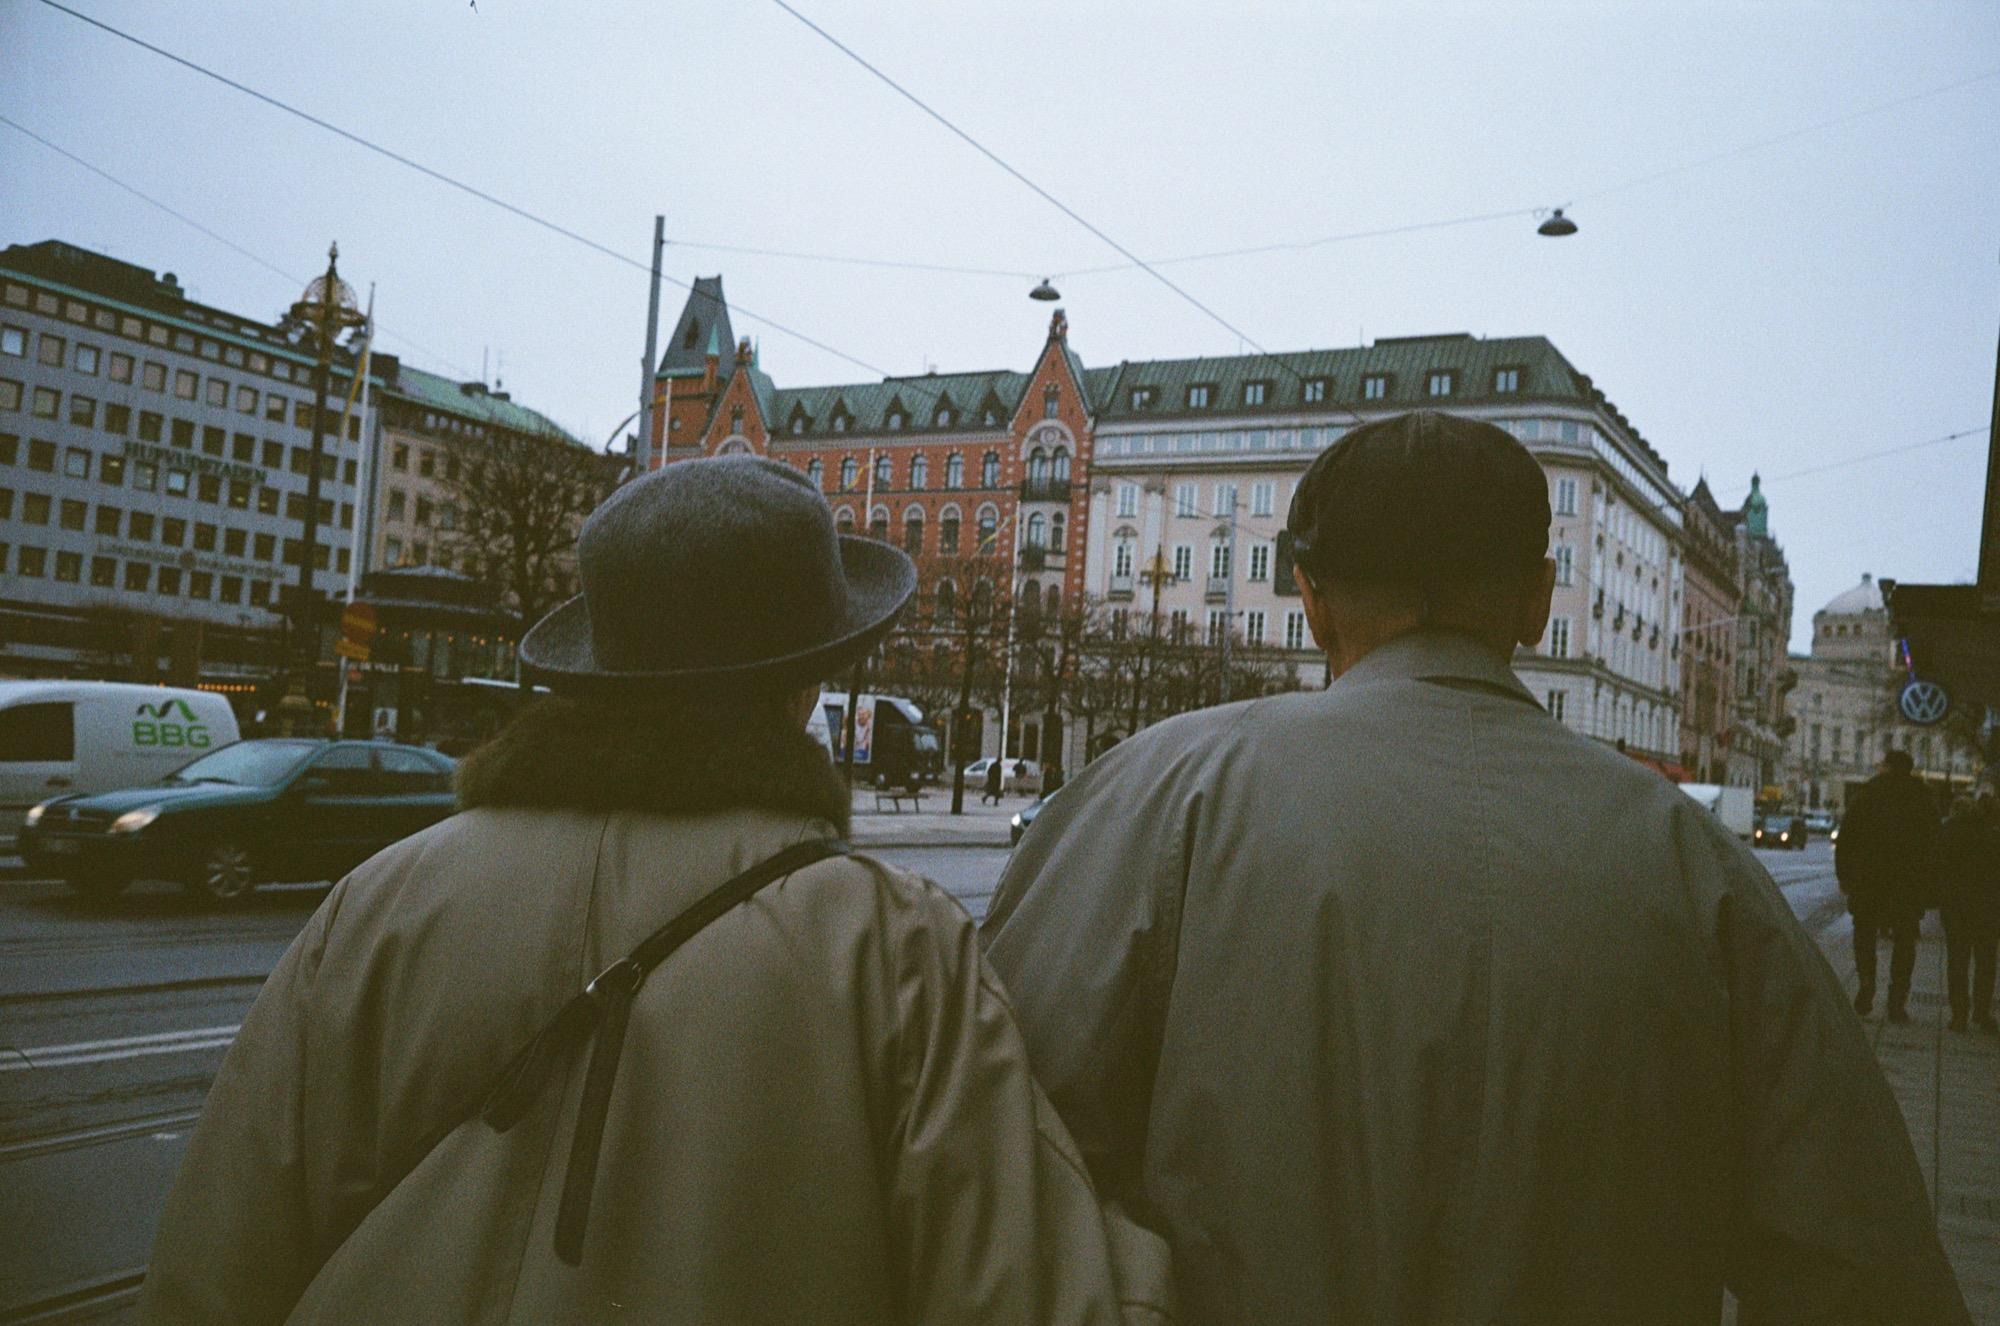 cameraville_leica_mda_stockholm_avenon_28mm_kodak_gold_400_9.jpg